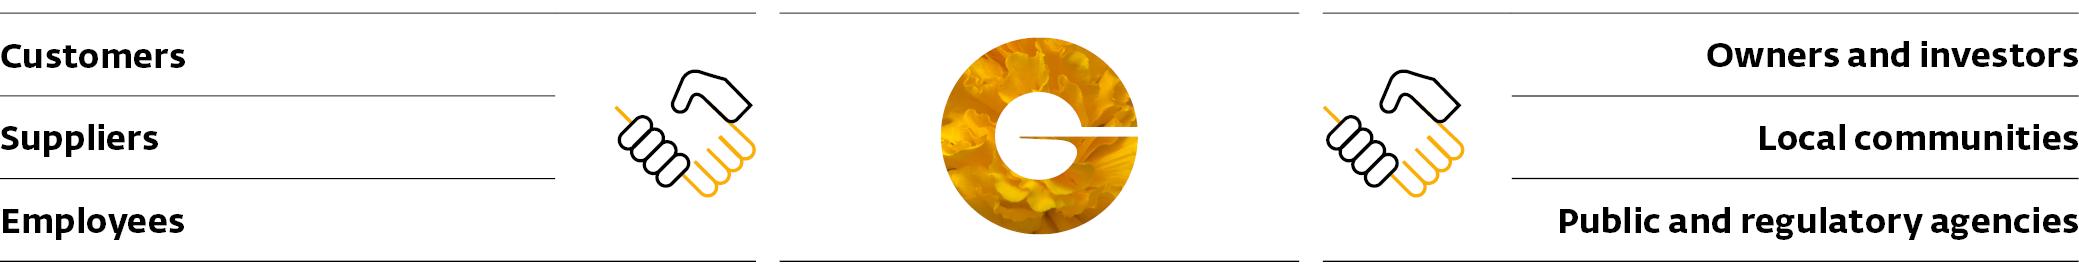 SR19_GRI_102-40_Stakeholder_groups